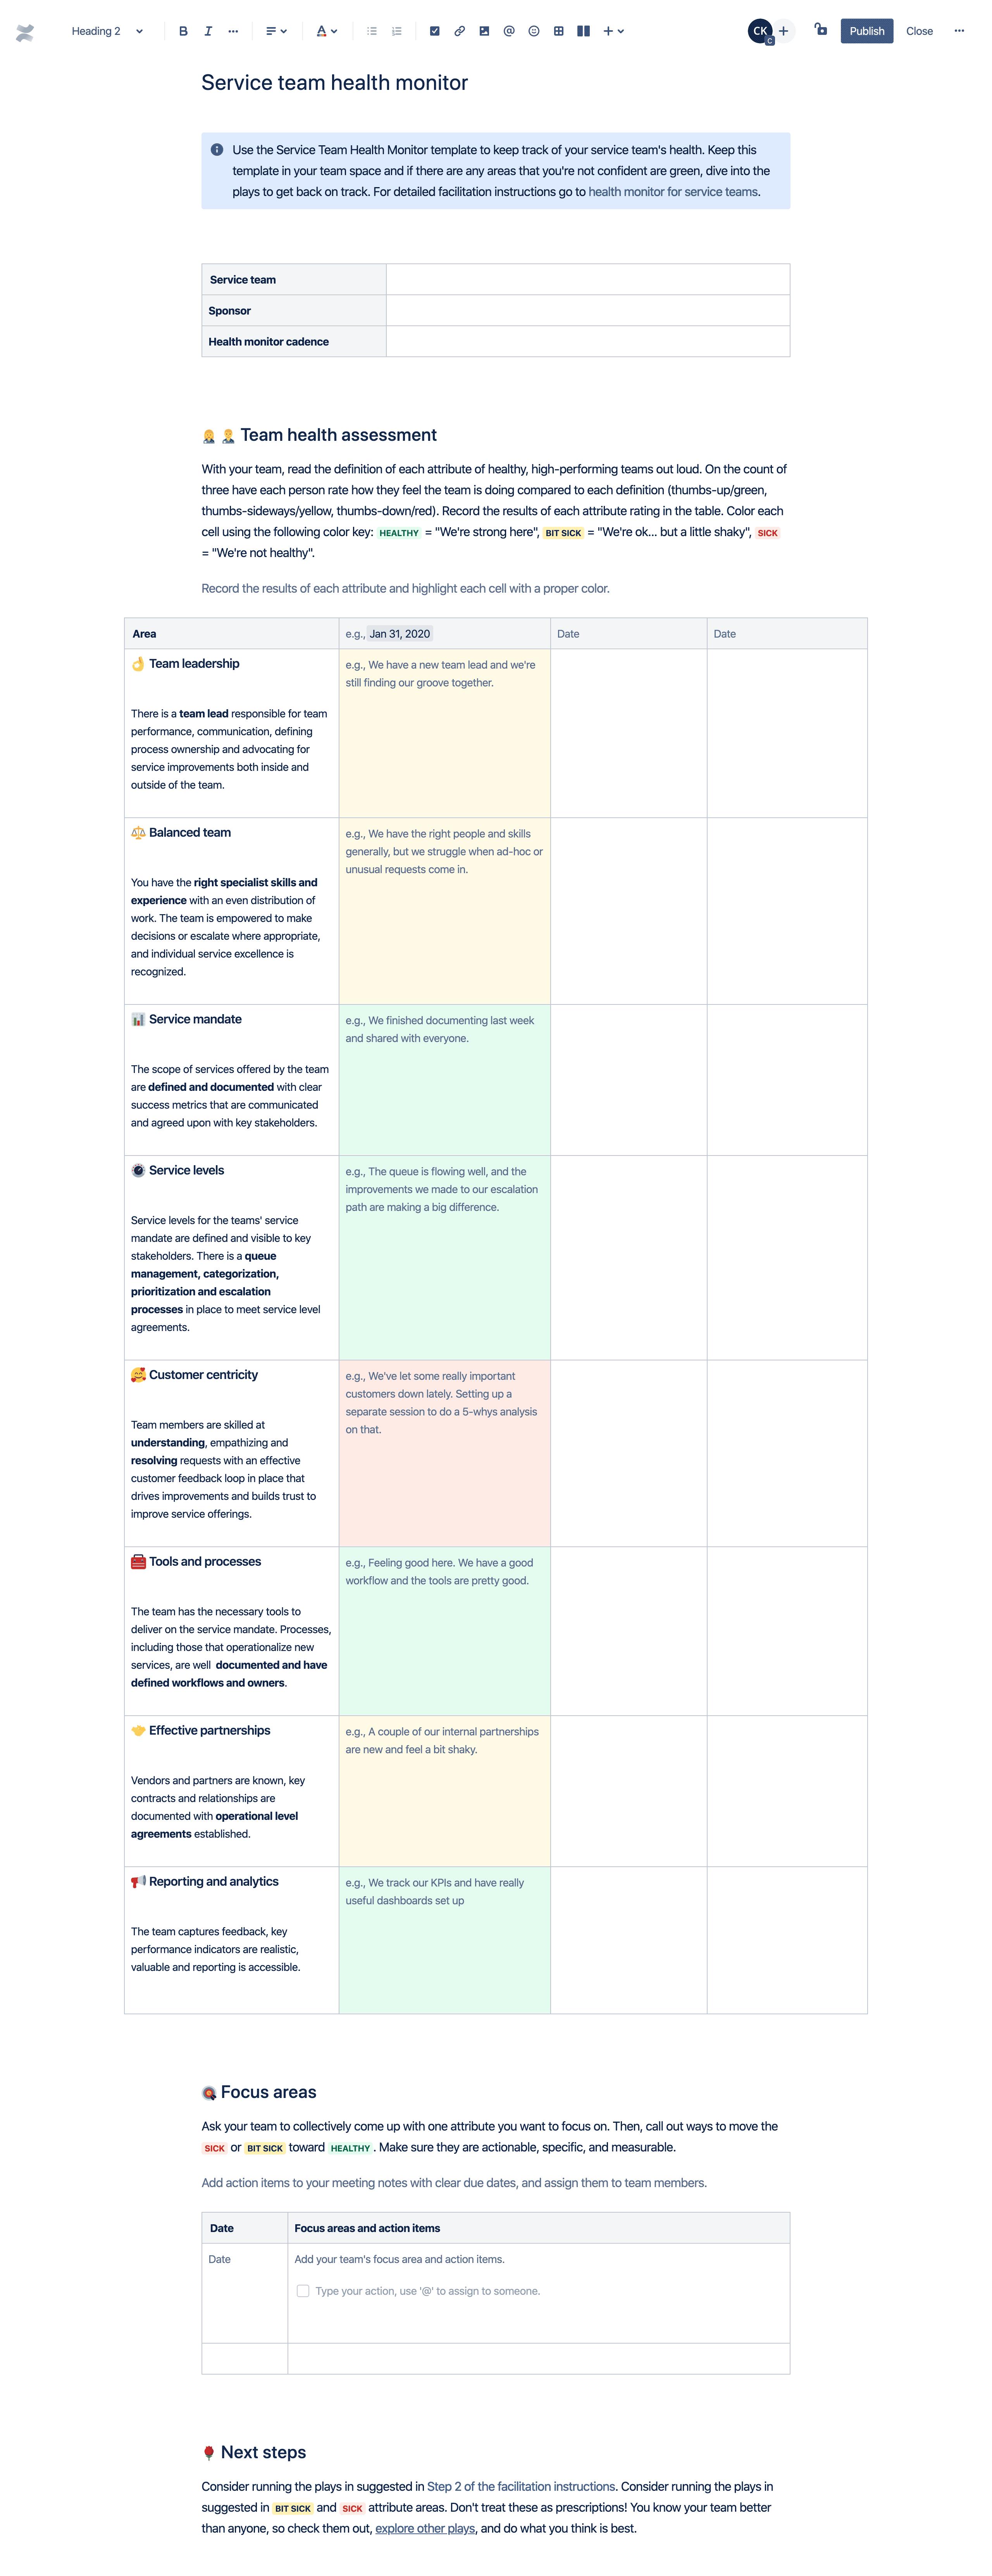 Шаблон оценки работоспособности сервисной команды